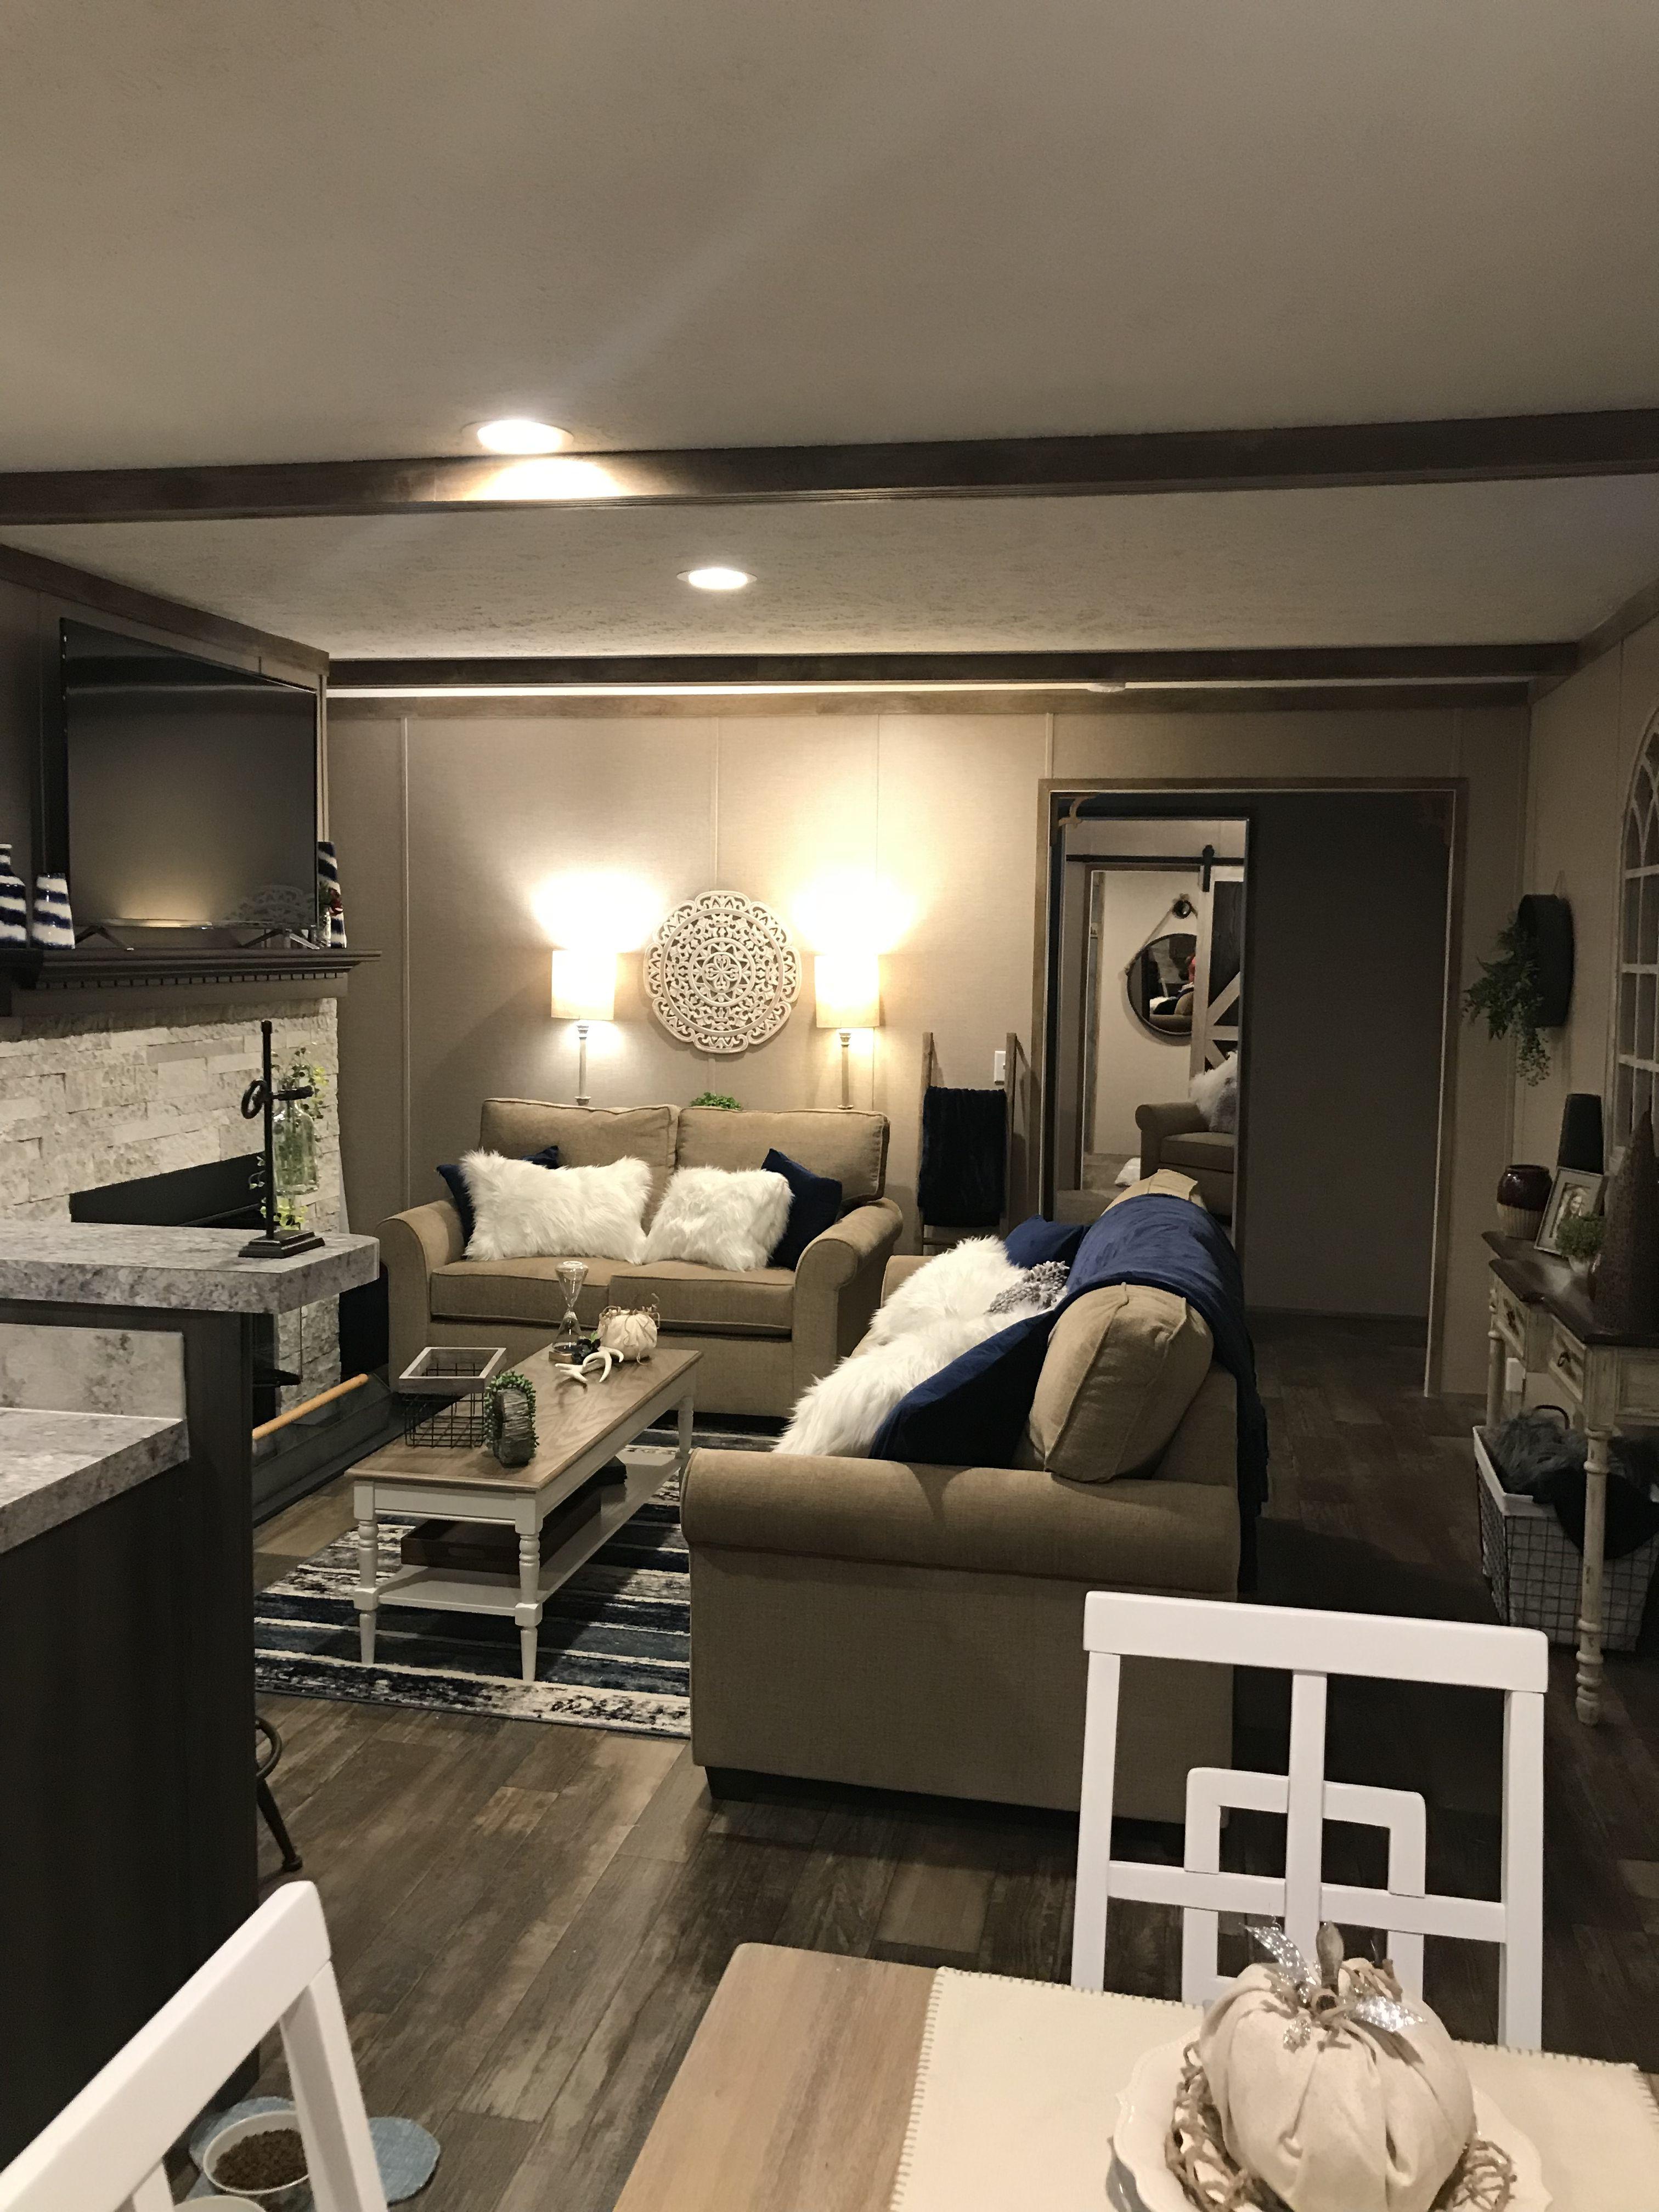 pintina weldon on mobile home decorating  mobile home